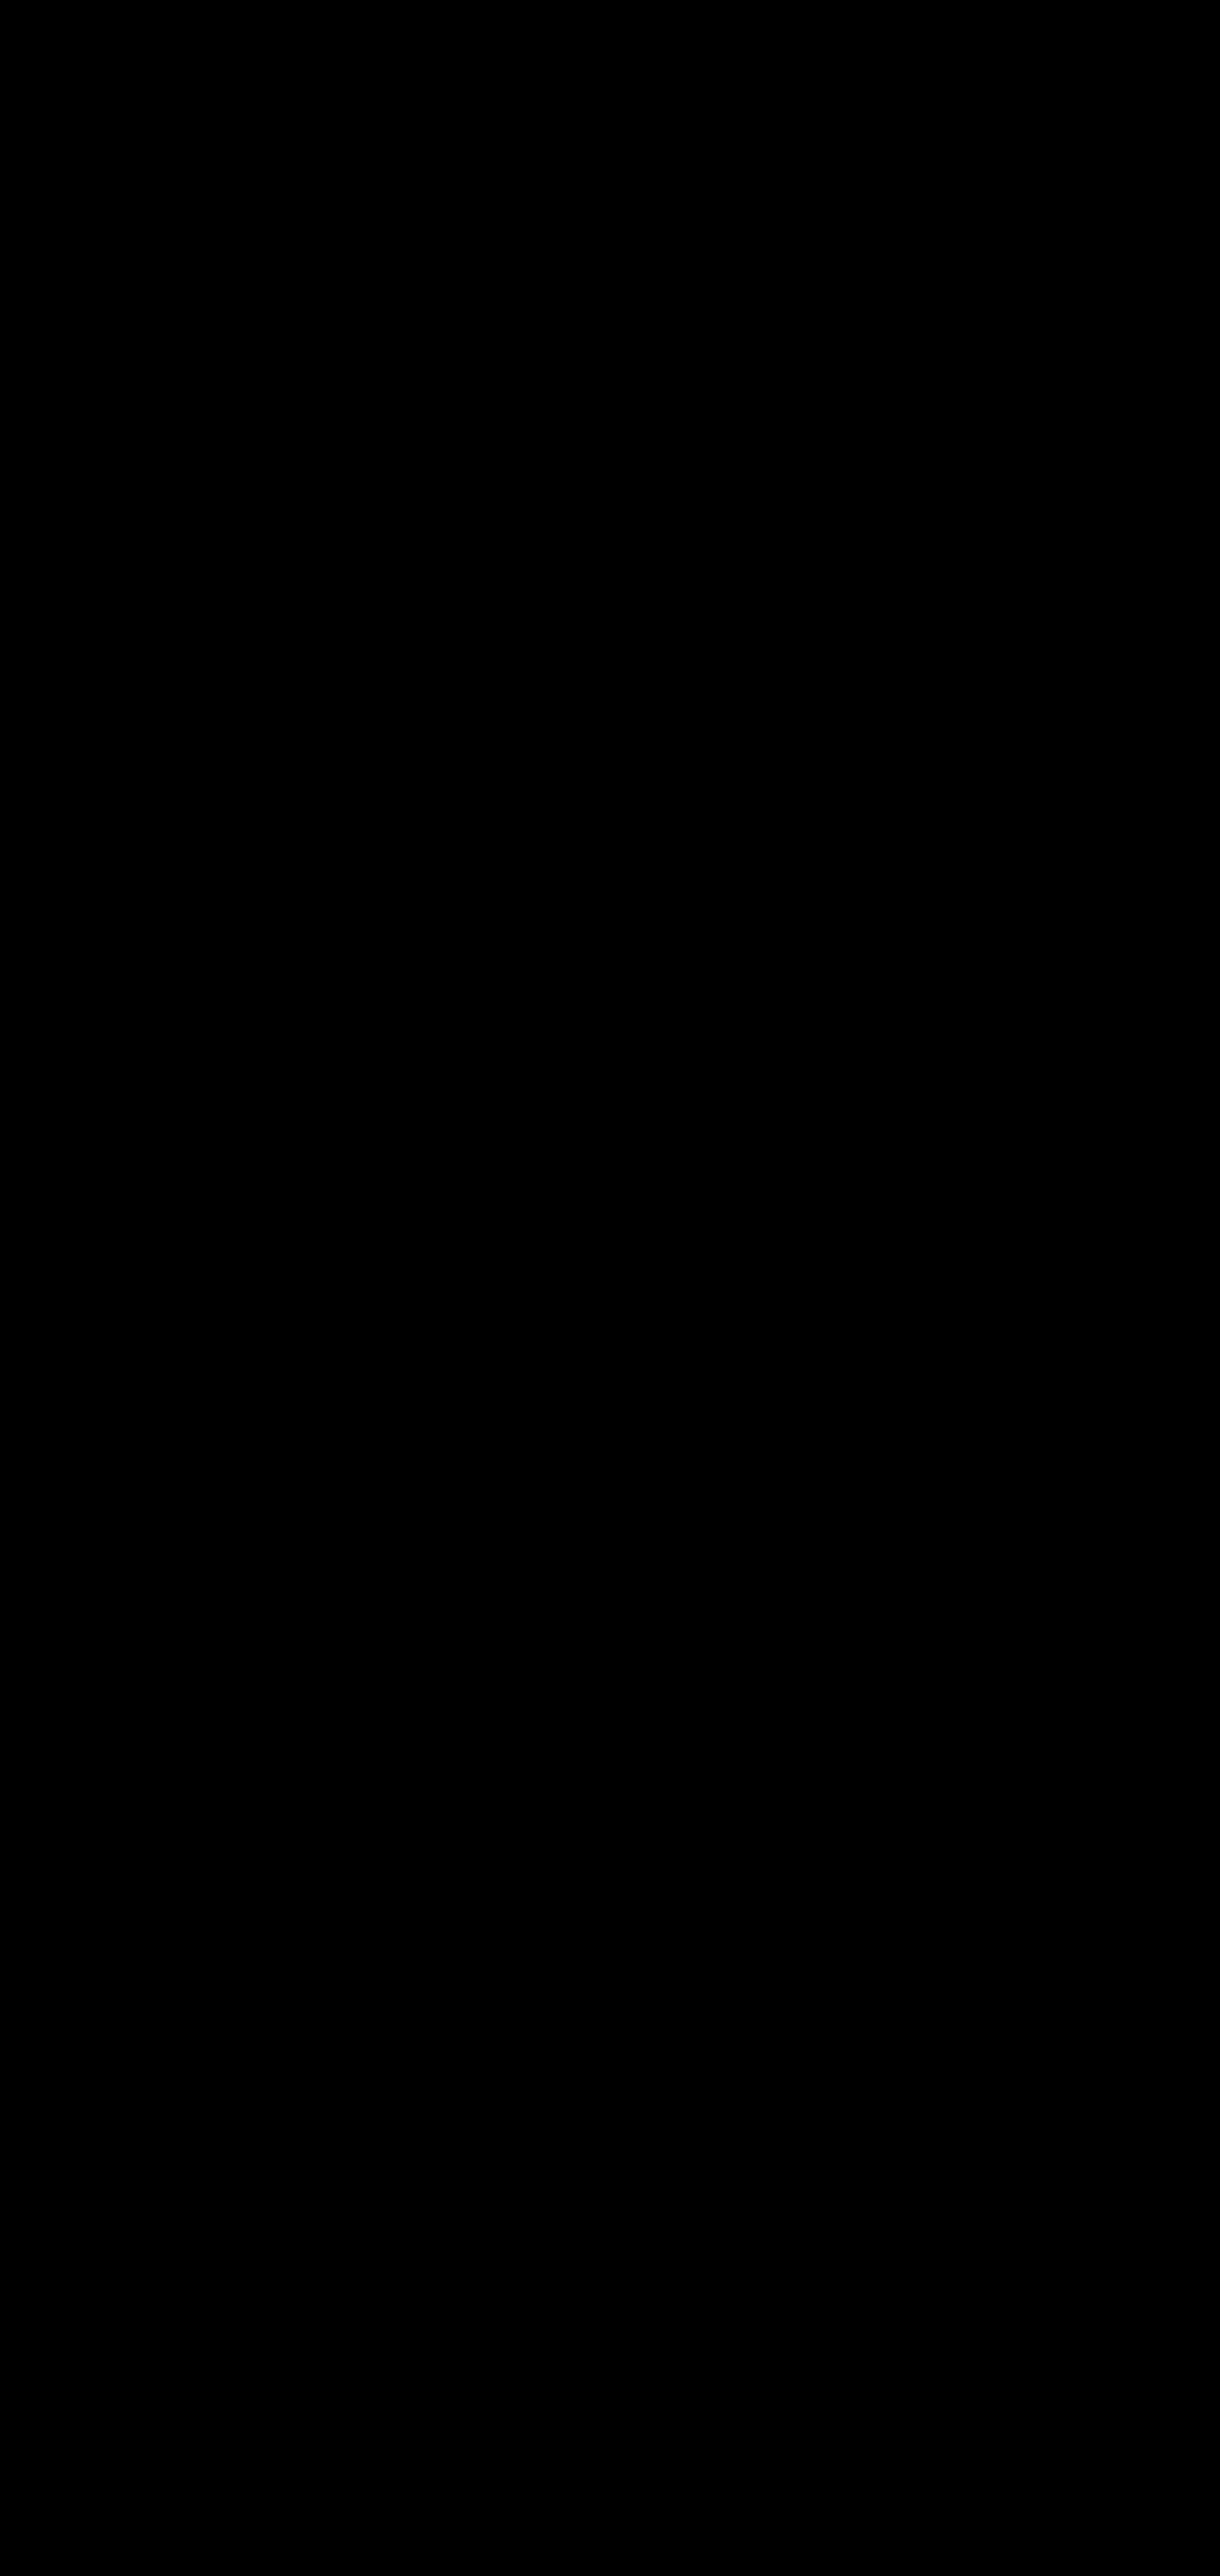 Pixel 4 XL HD Wallpapers - Wallpaper Cave